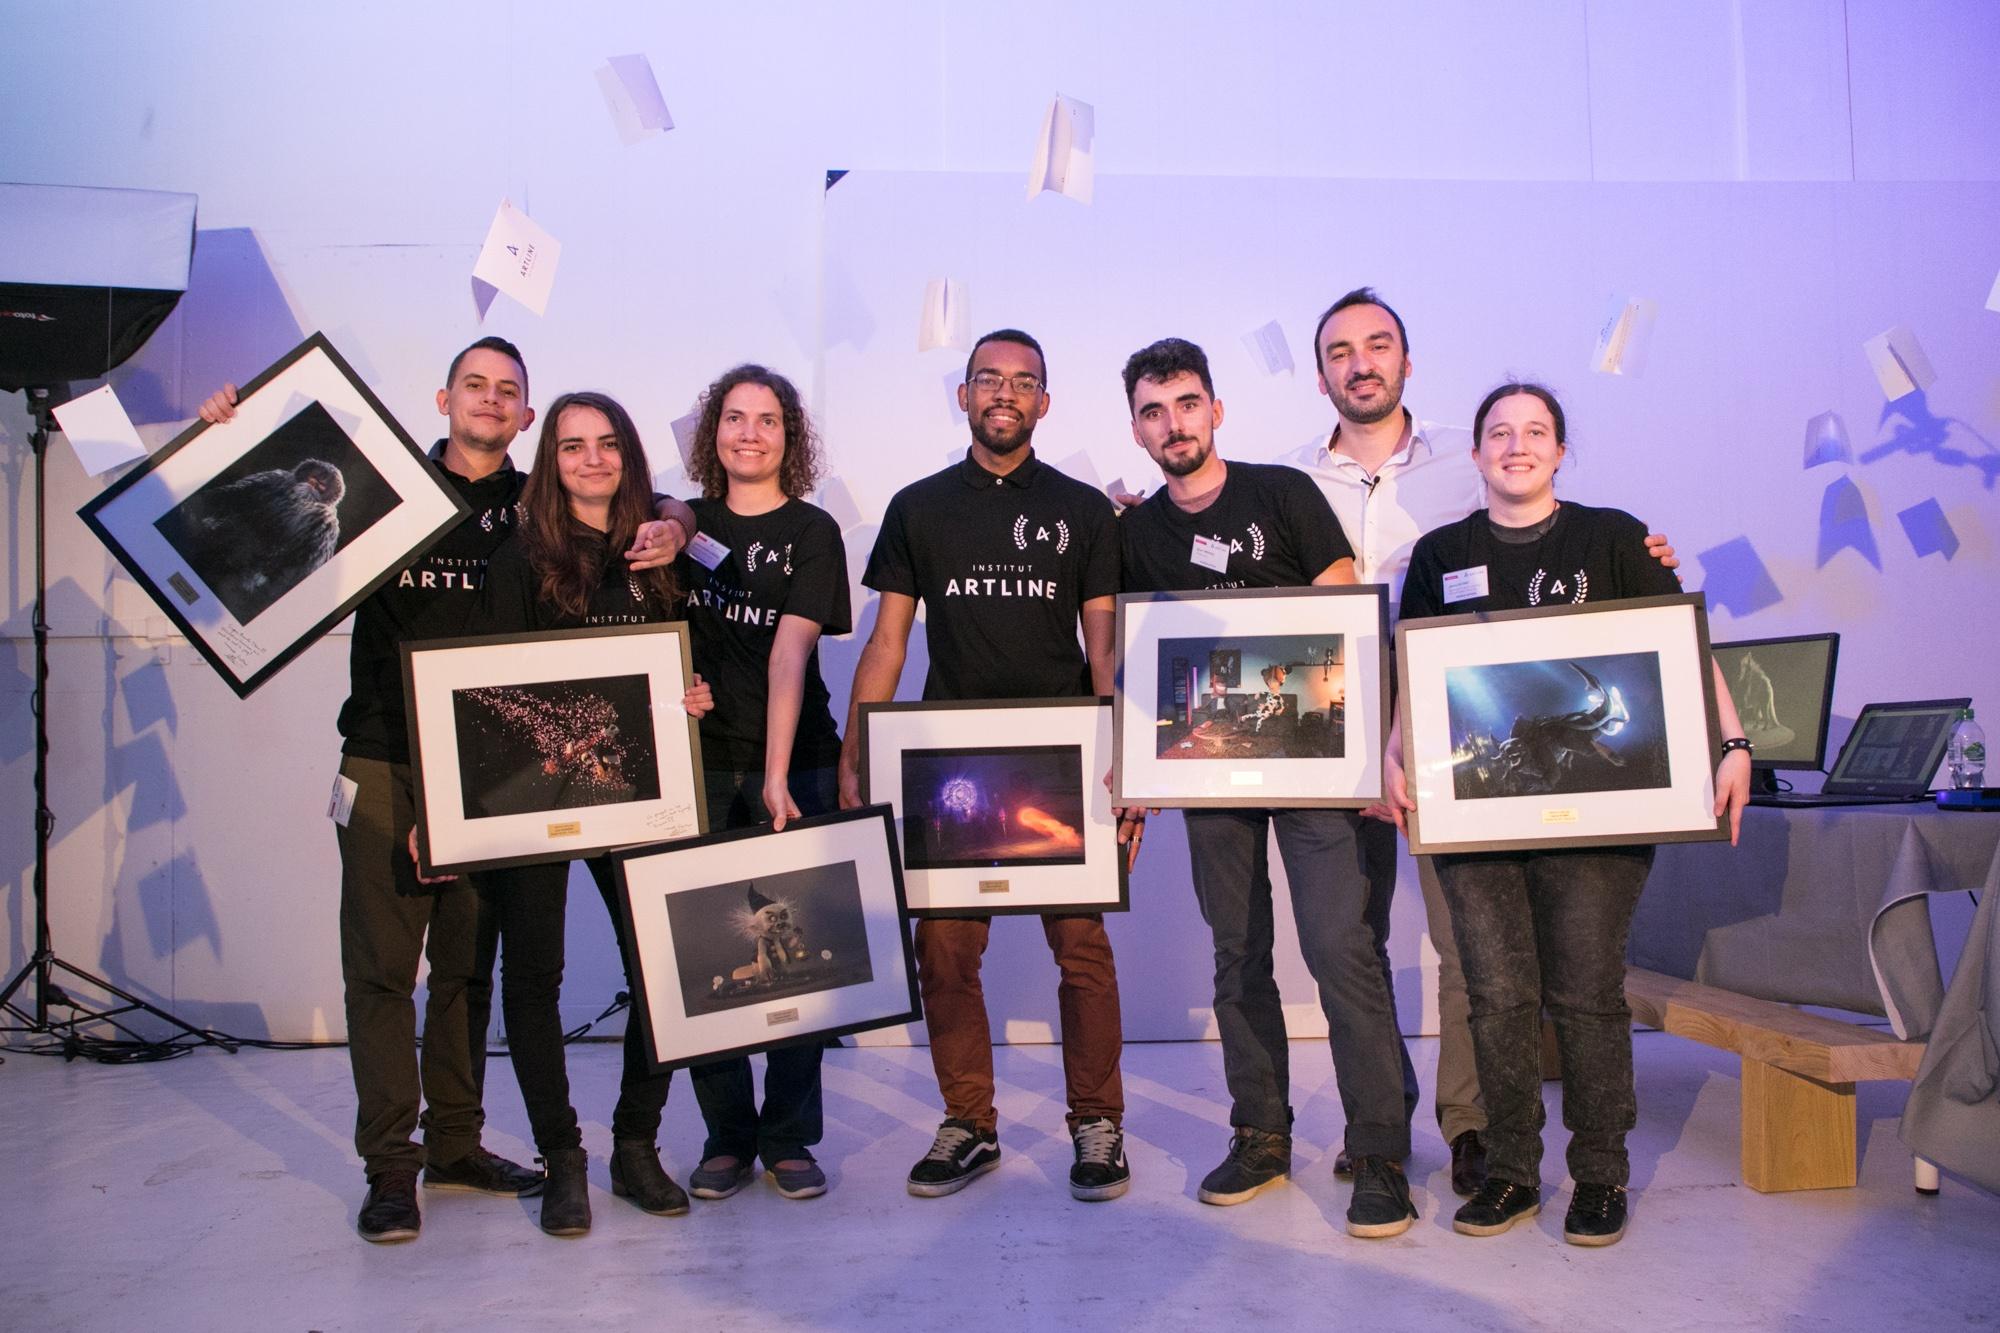 Artline-jury-2018_web-306